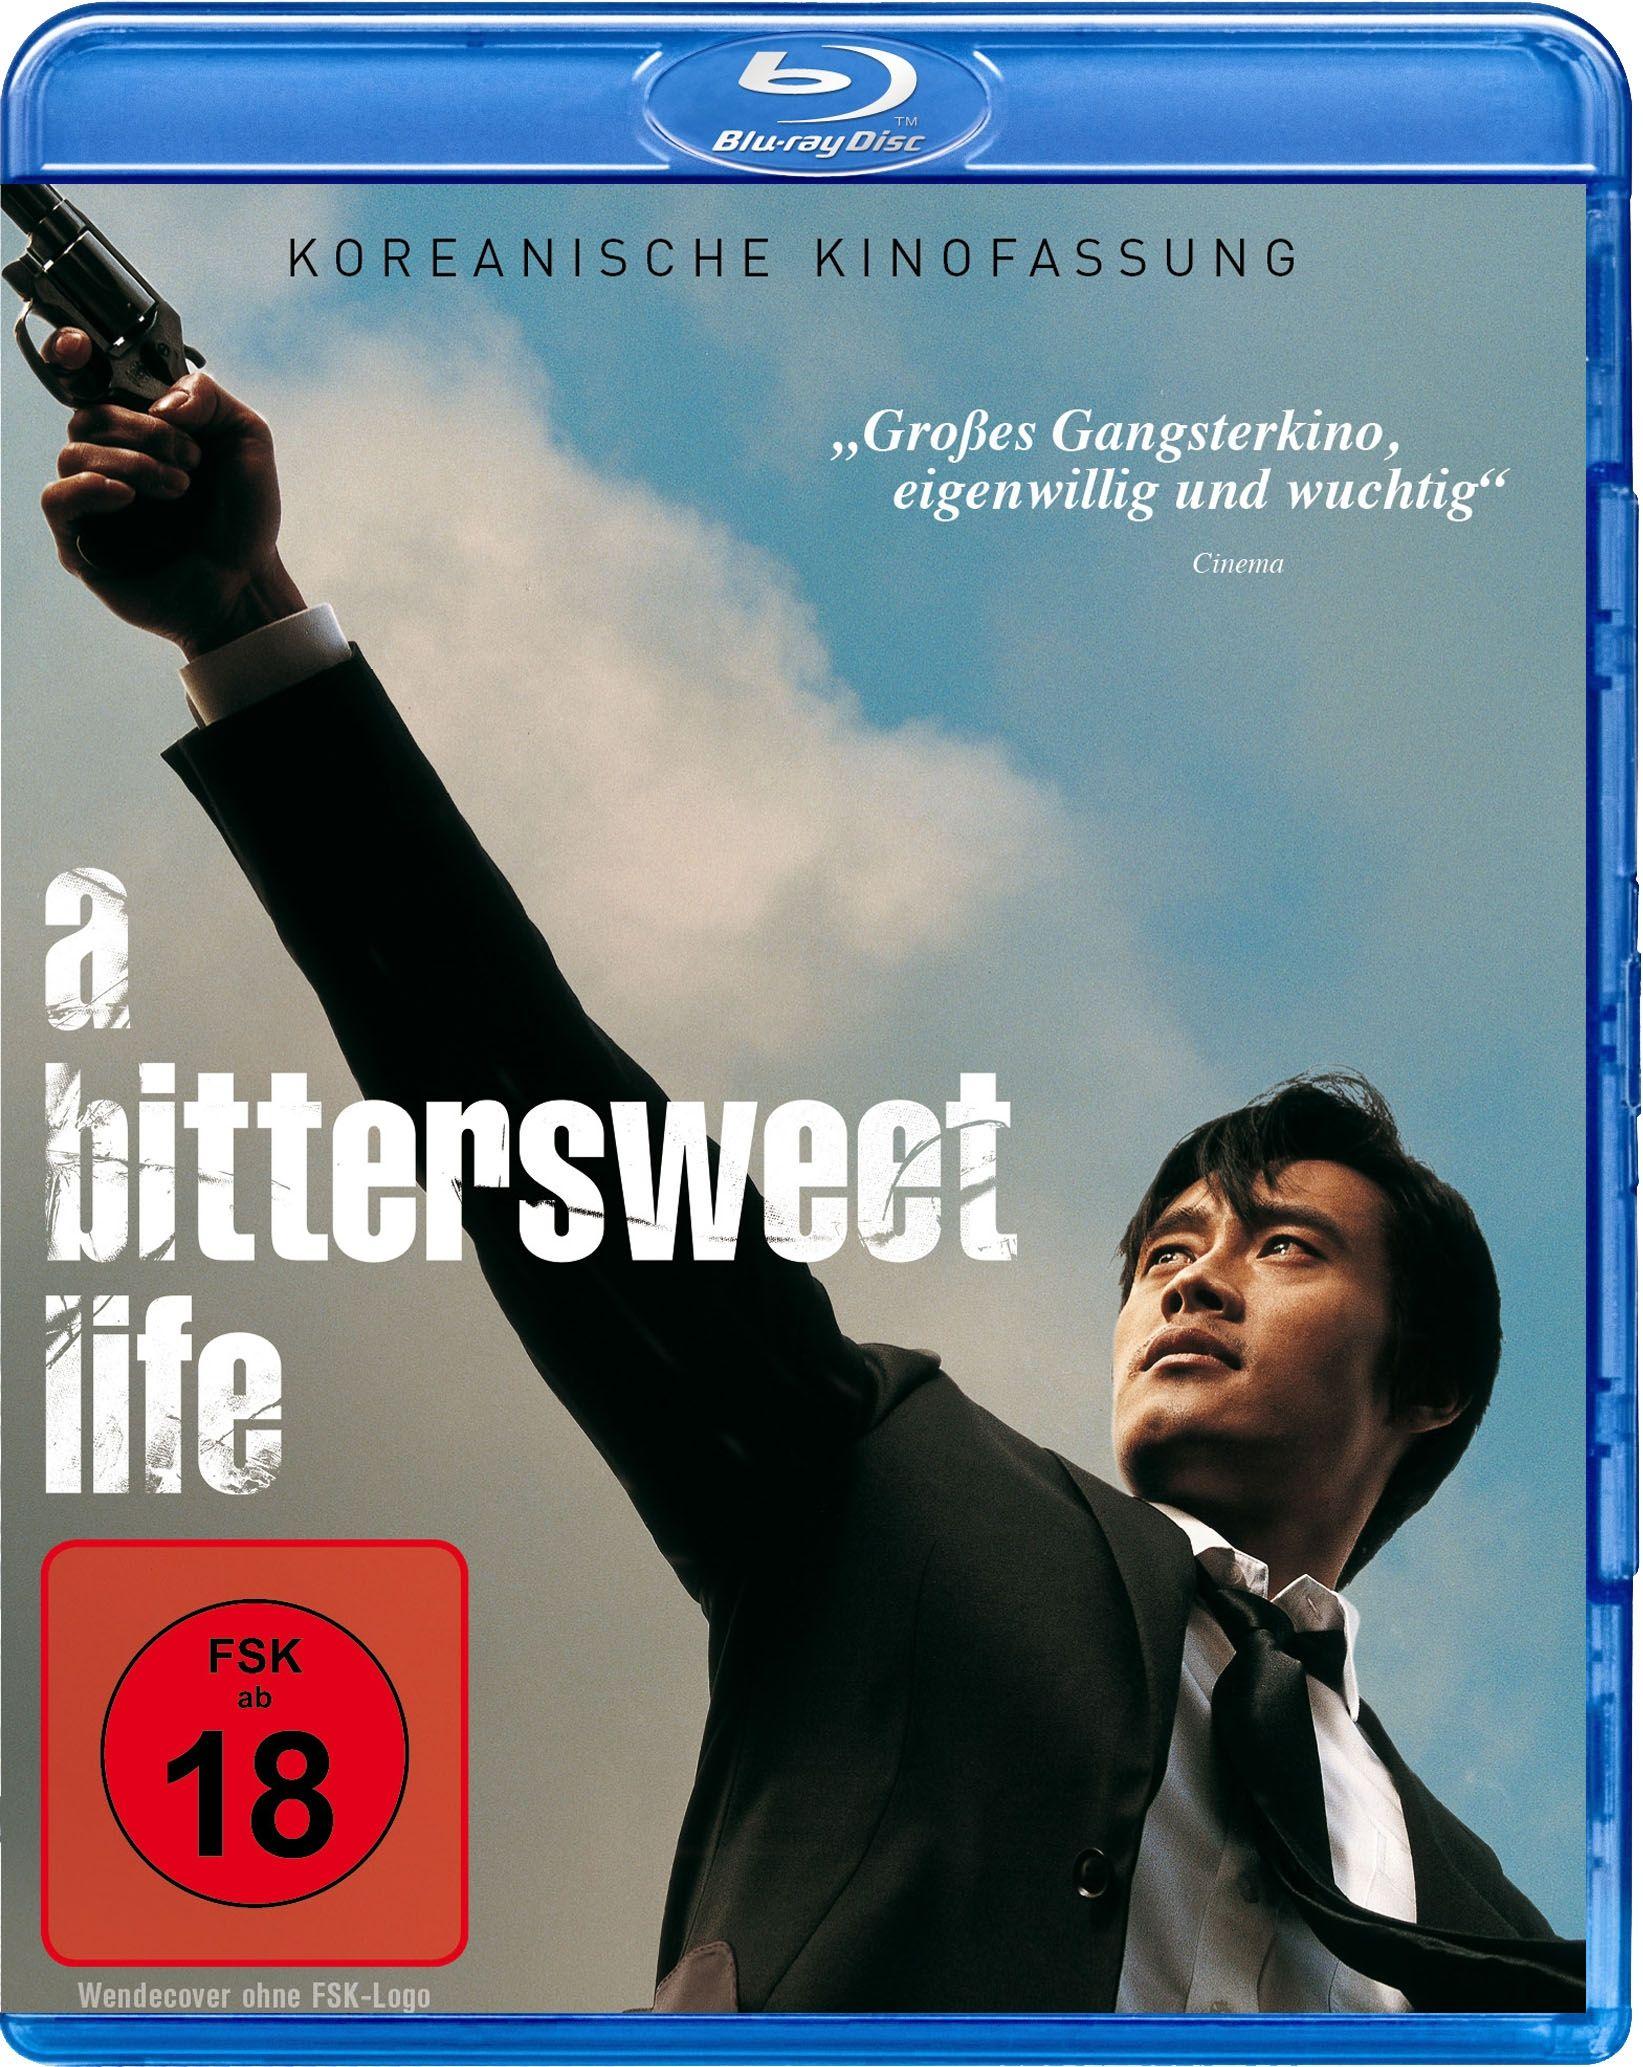 Bittersweet Life (Koreanische Kinofassung) (BLURAY)